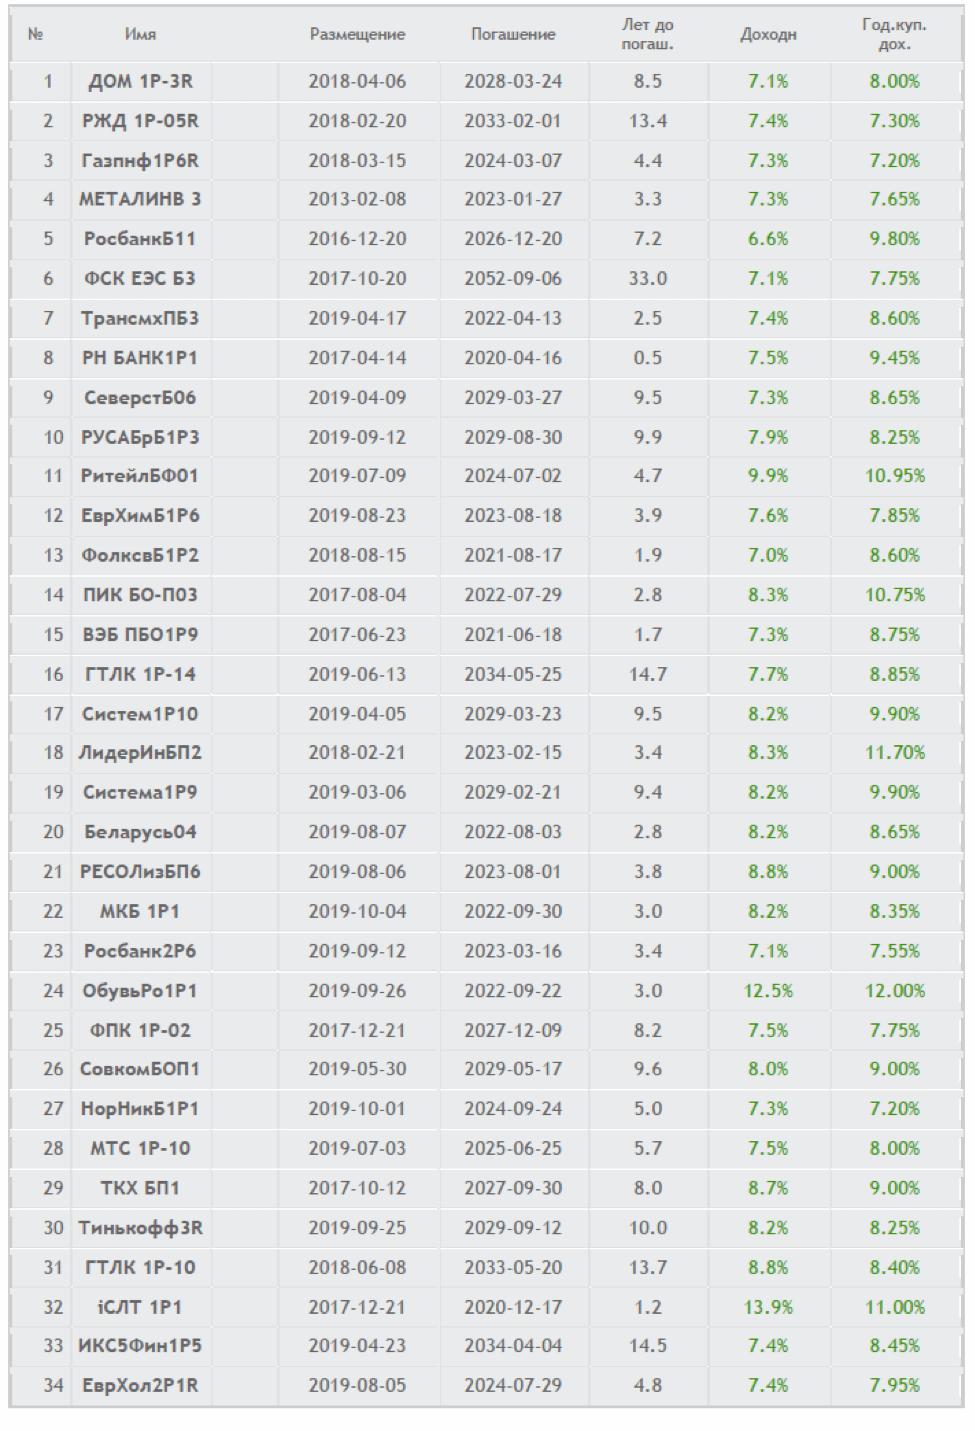 Список облигаций на Московской бирже, пригодных для использования в стратегии «Лестница»